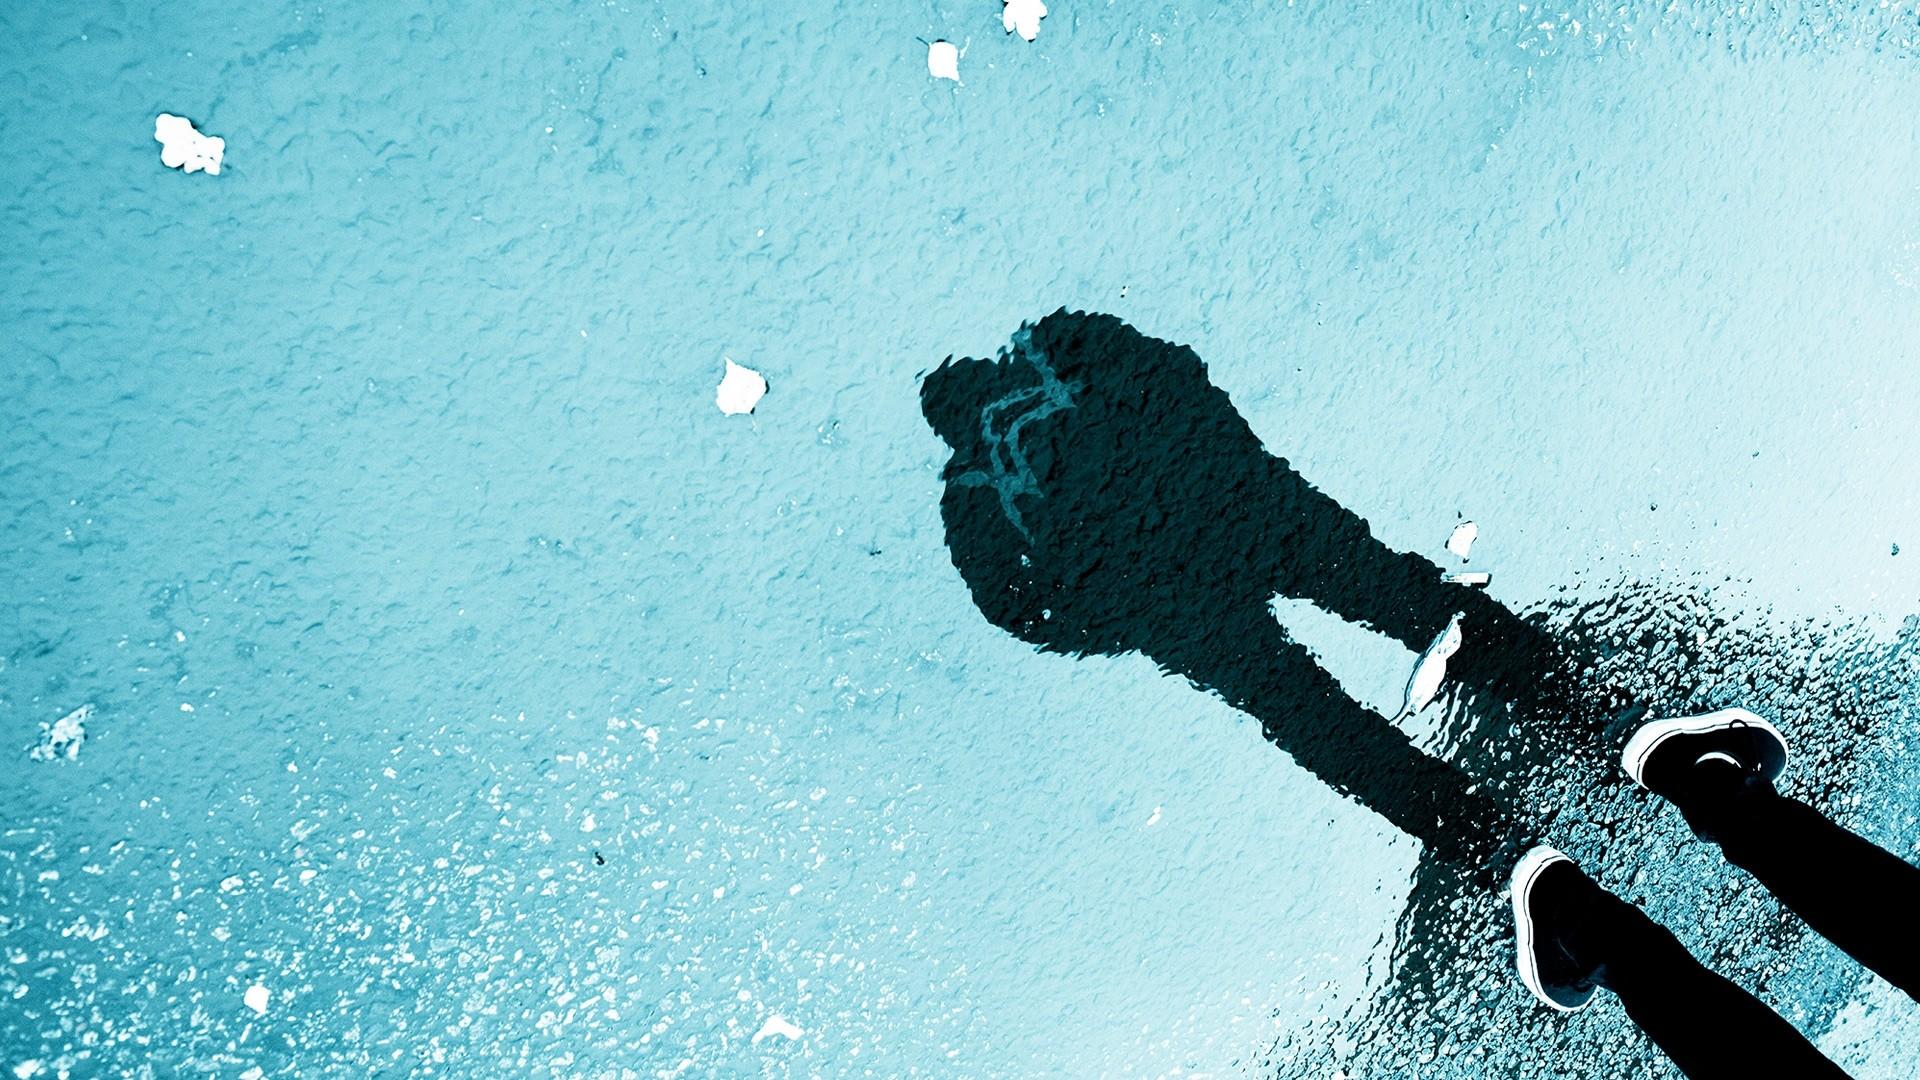 Alan Walker Wallpaper Picture hd